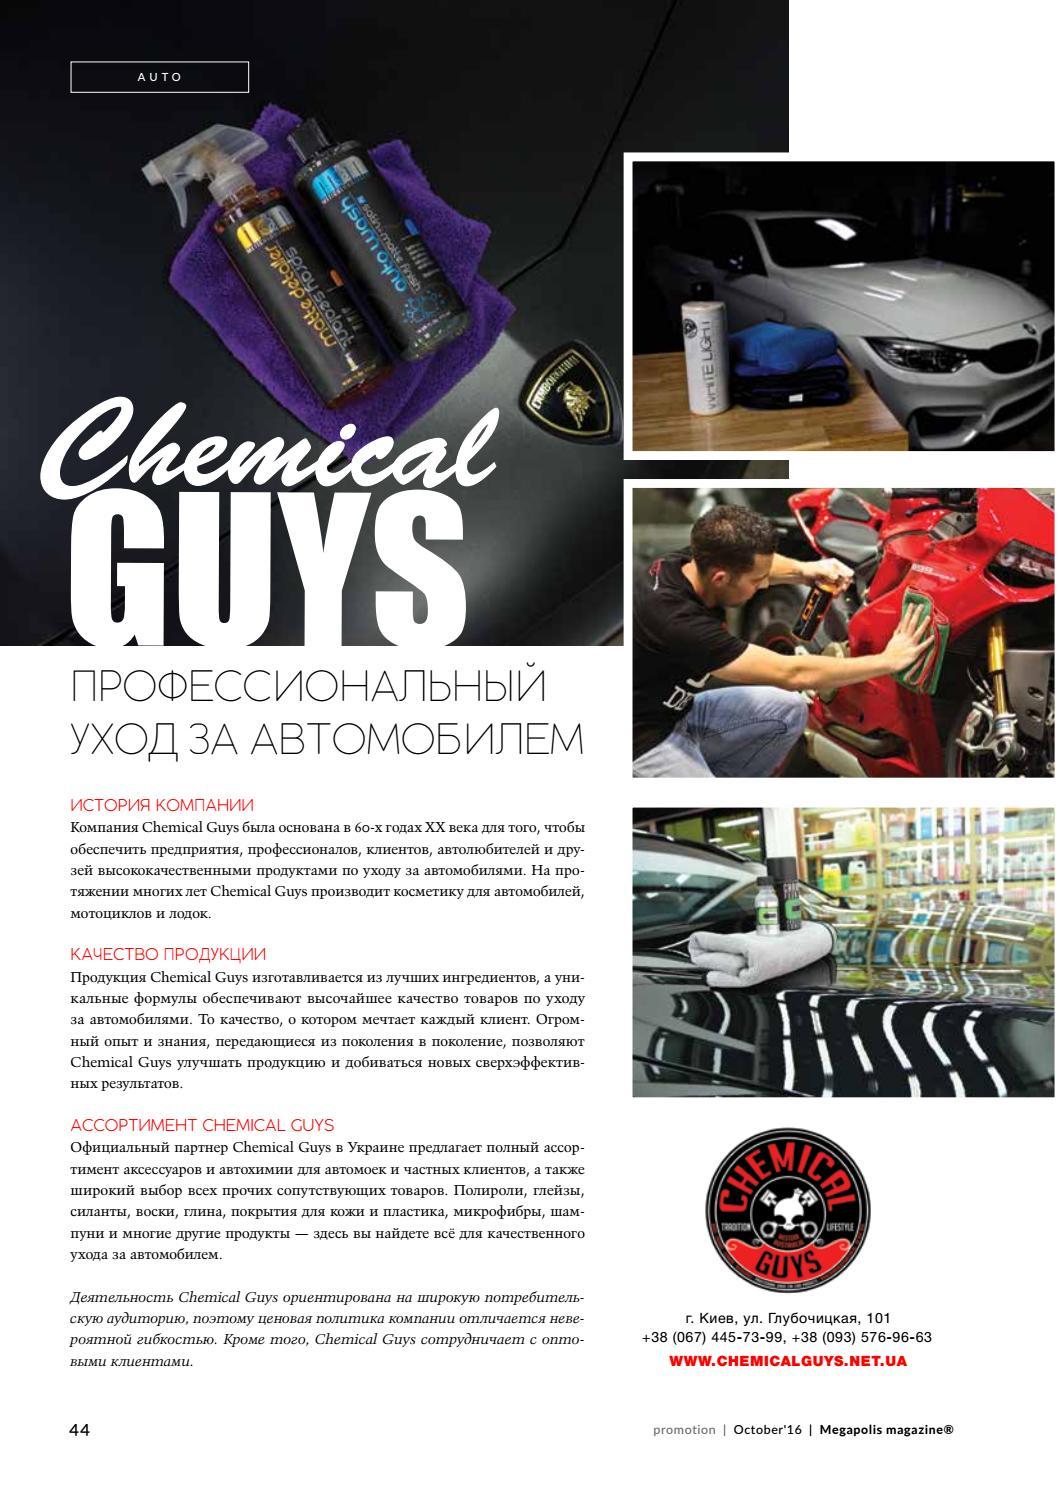 Статья в Журнале MEGAPOLIS, Киев - Профессиональный уход за автомобилем